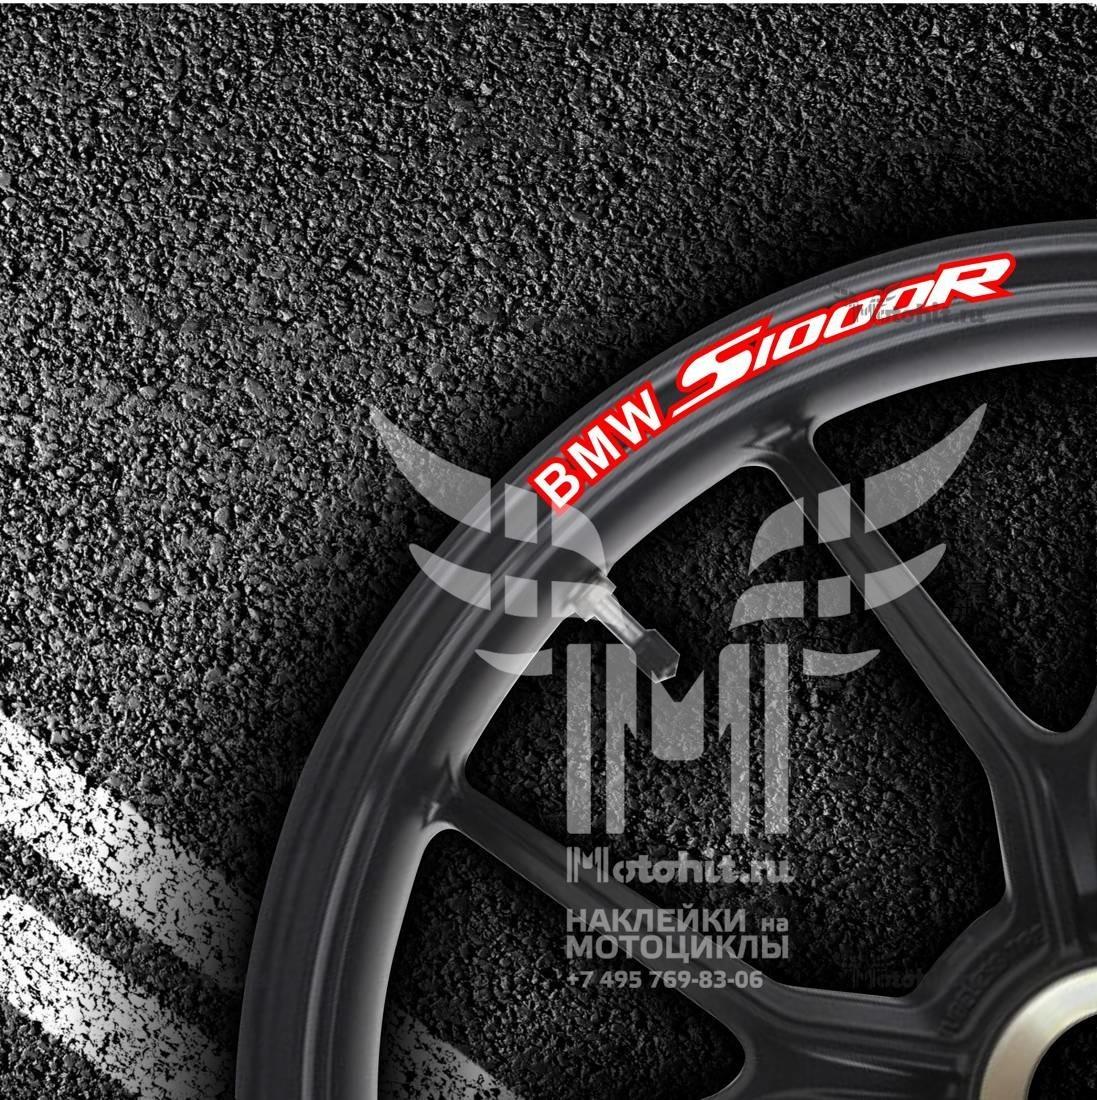 Комплект наклеек на обод колеса мотоцикла BMW S-1000-R